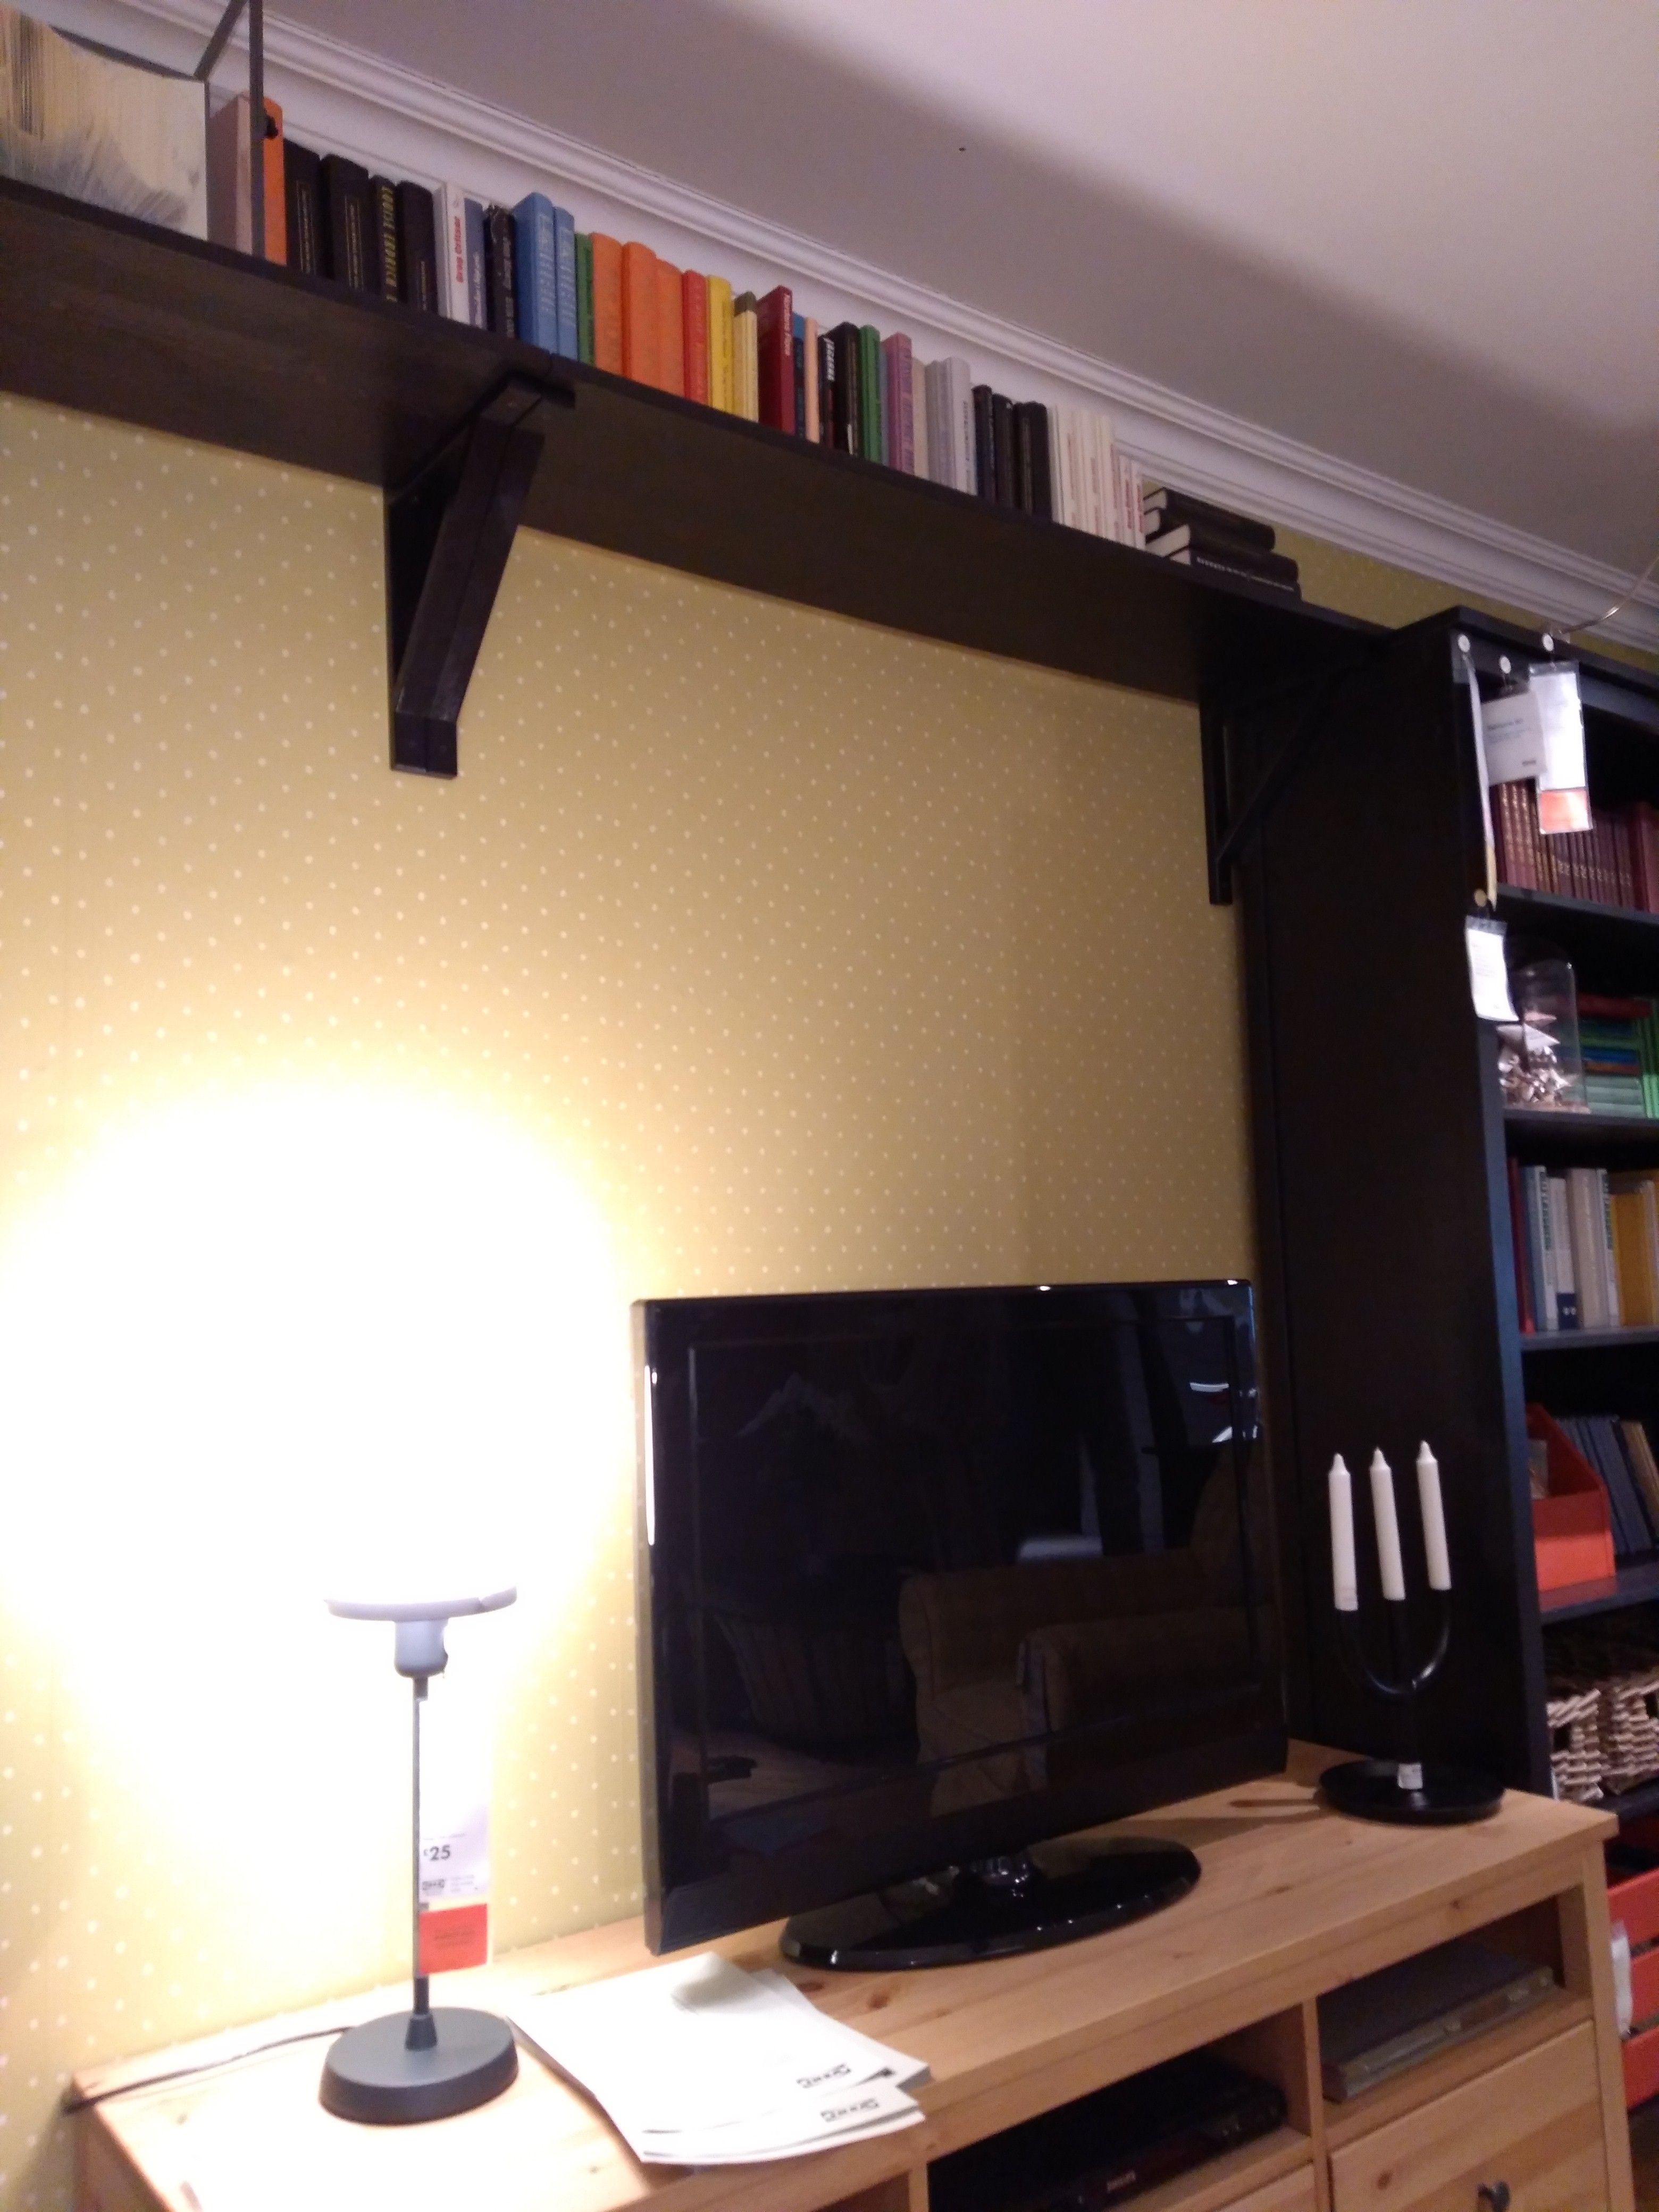 pinblaise wilson on living room ideas  living room